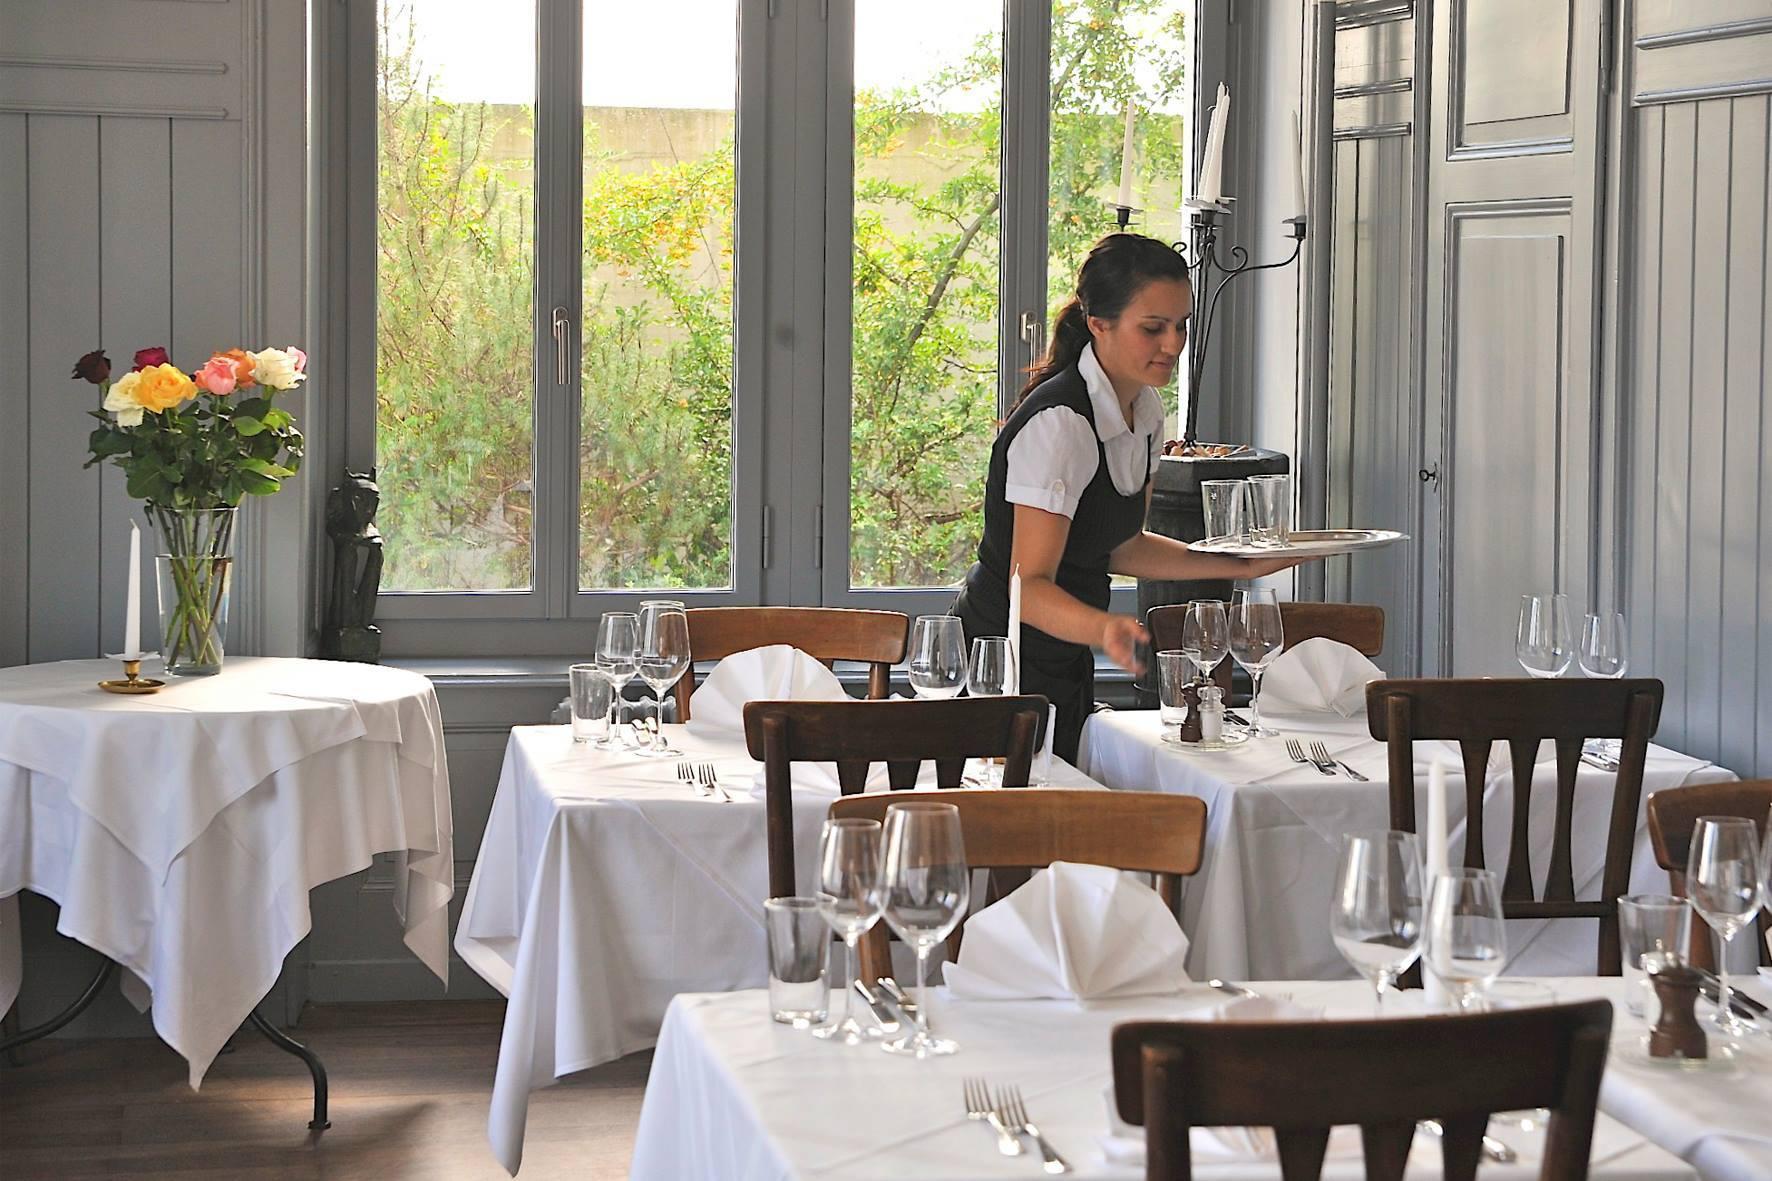 Restaurant Maihöfli